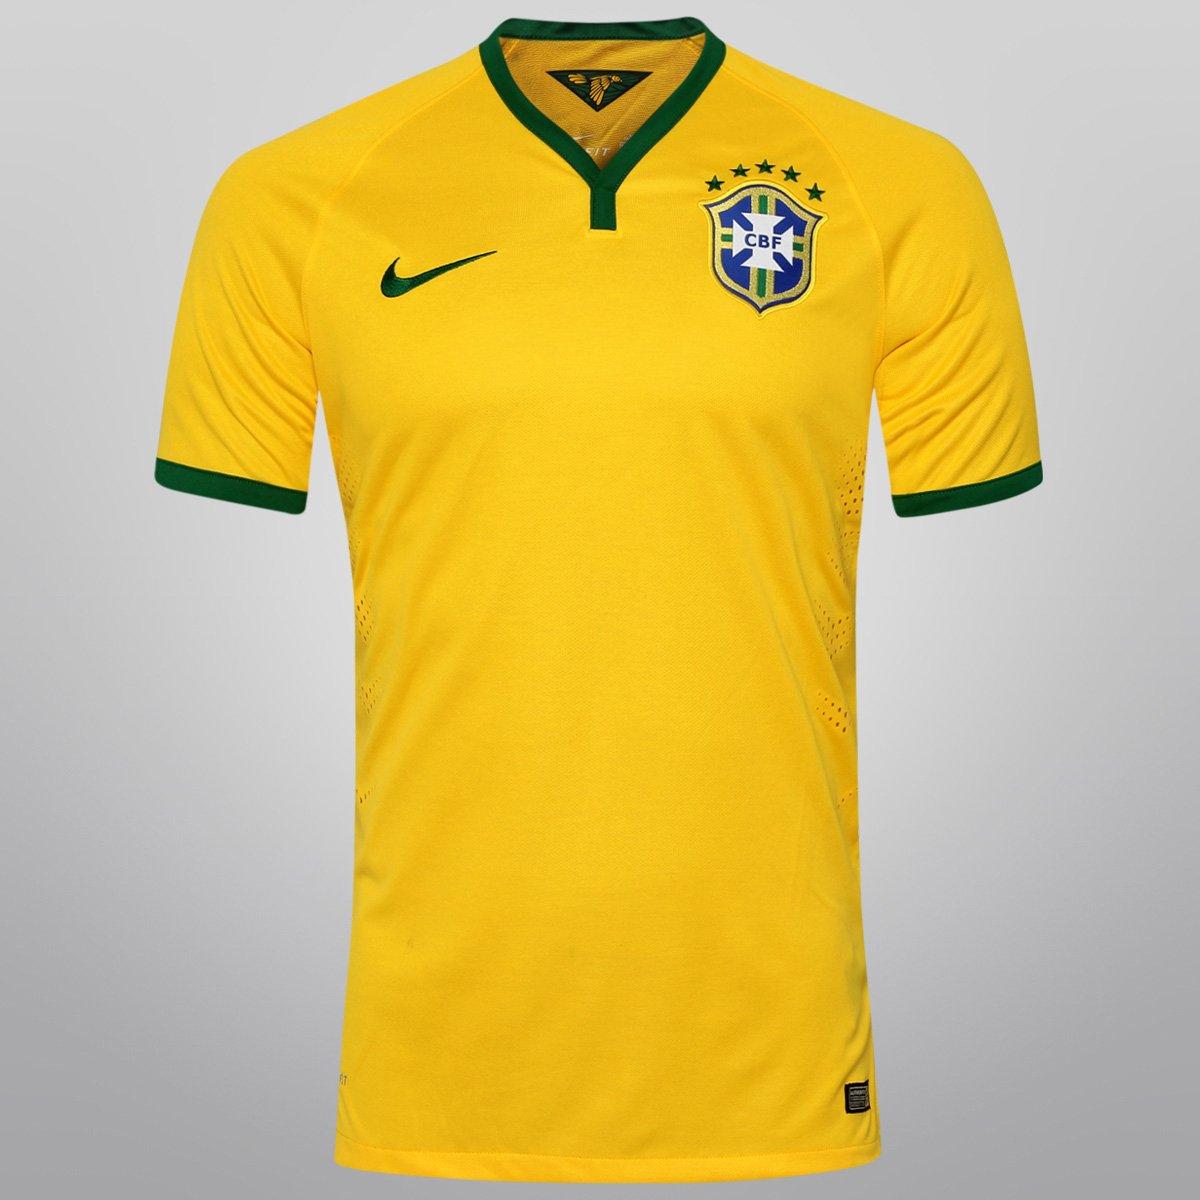 ae0e3a099b Camisa Nike Seleção Brasil I 2014 nº 10 - Jogador - Compre Agora ...